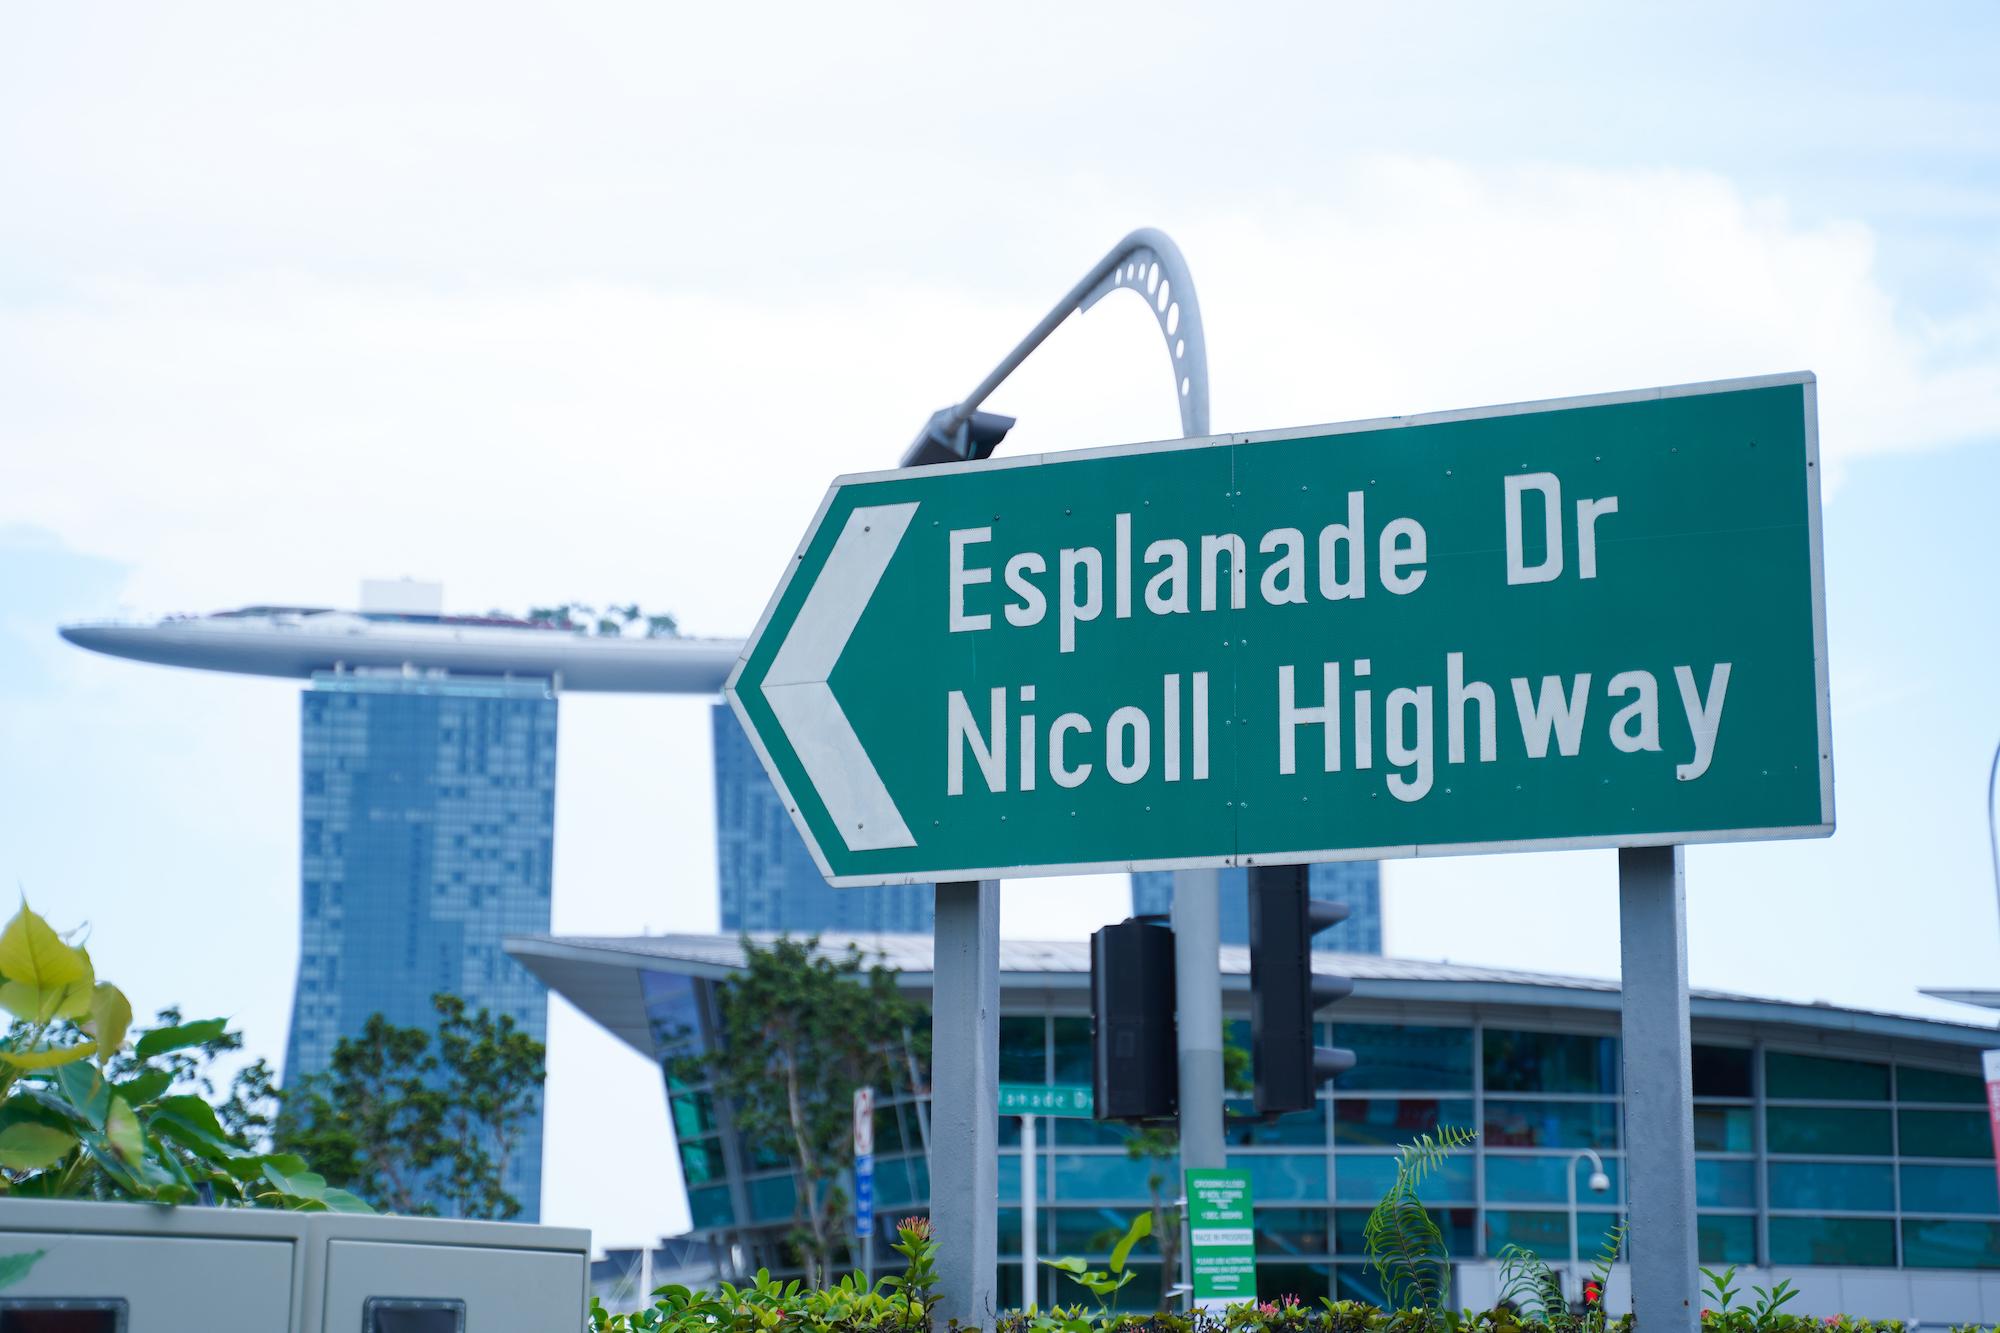 シンガポールの道路標識。背後にマリーナベイサンズが見える。/2019年12月1日:撮影:SHUN ONLINE